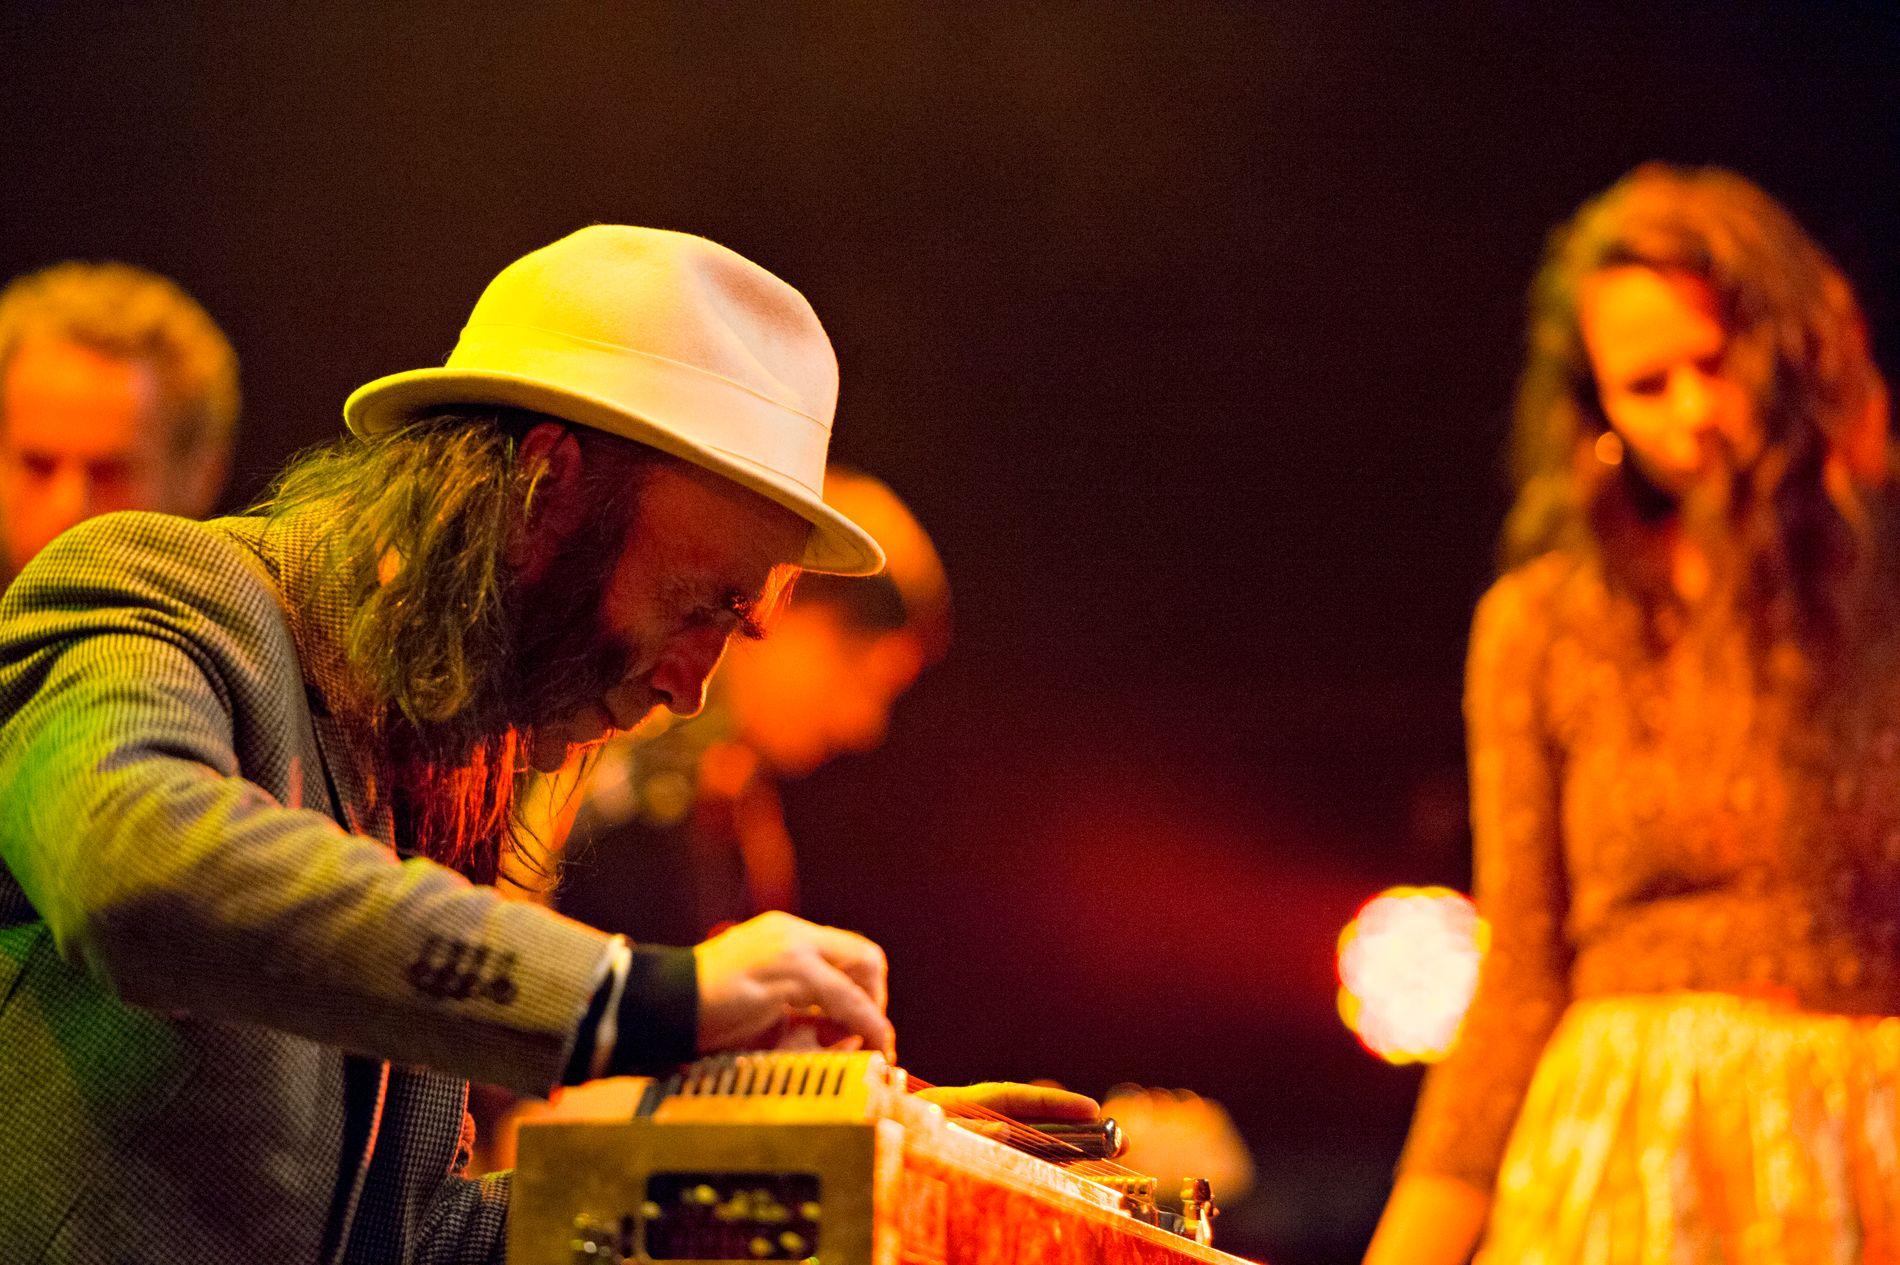 The Last Hurrah hadde konsert på Rockefeller fredag kveld. Bandet ledes av H.P. Gundersen. Vår anmelder skriver at konserten aldri tok av.